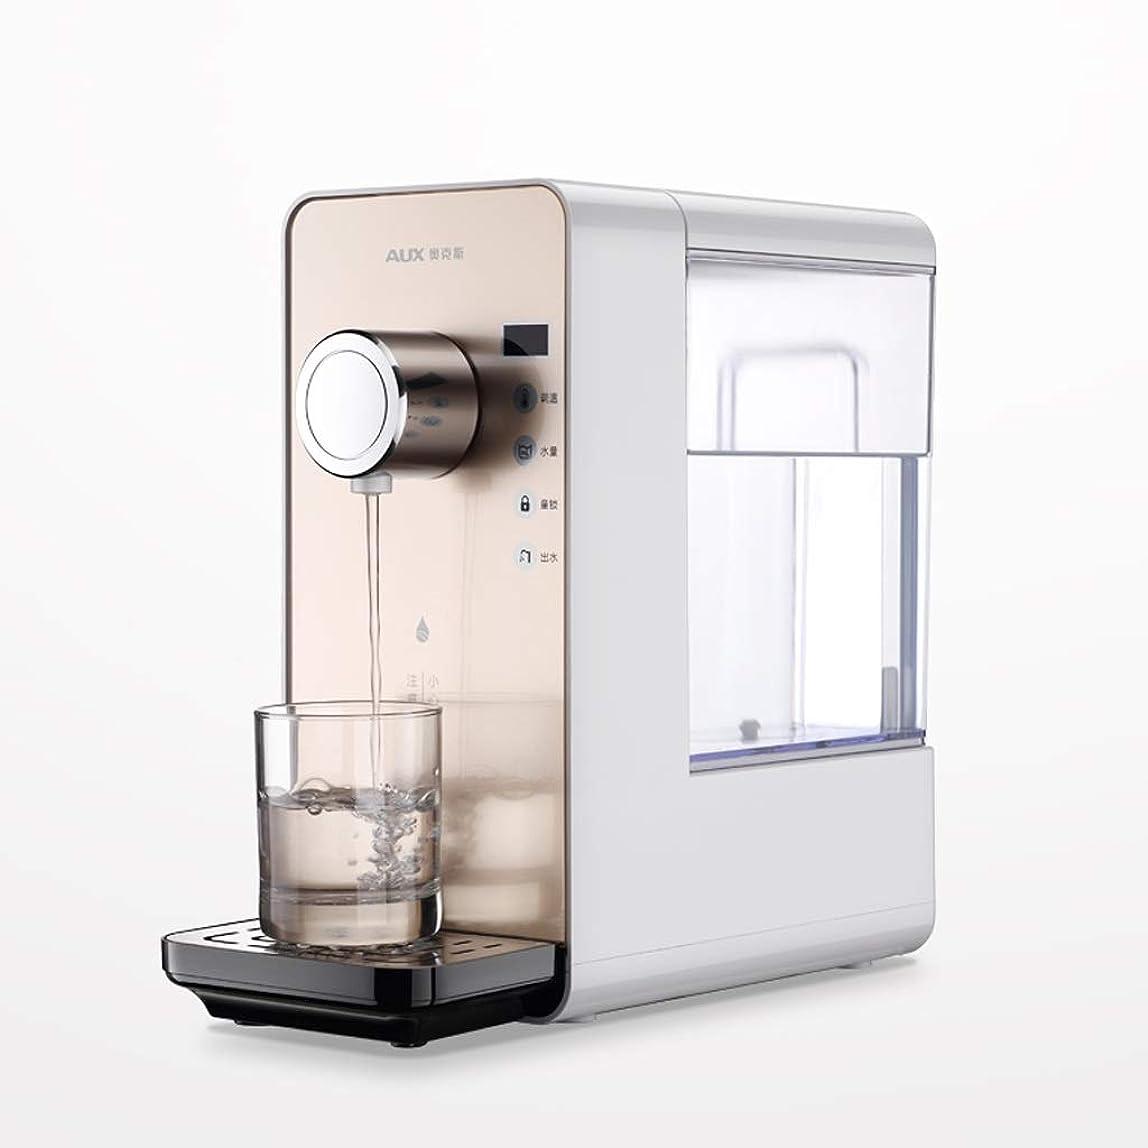 あごひげリビジョンコントロールミニお湯ディスペンサー、家庭用ウォーターディスペンサーオフィスデスクトップウォーターディスペンサー小さな暖房、W / 6スピード温度と容量Adjustablehite (Color : Gold)